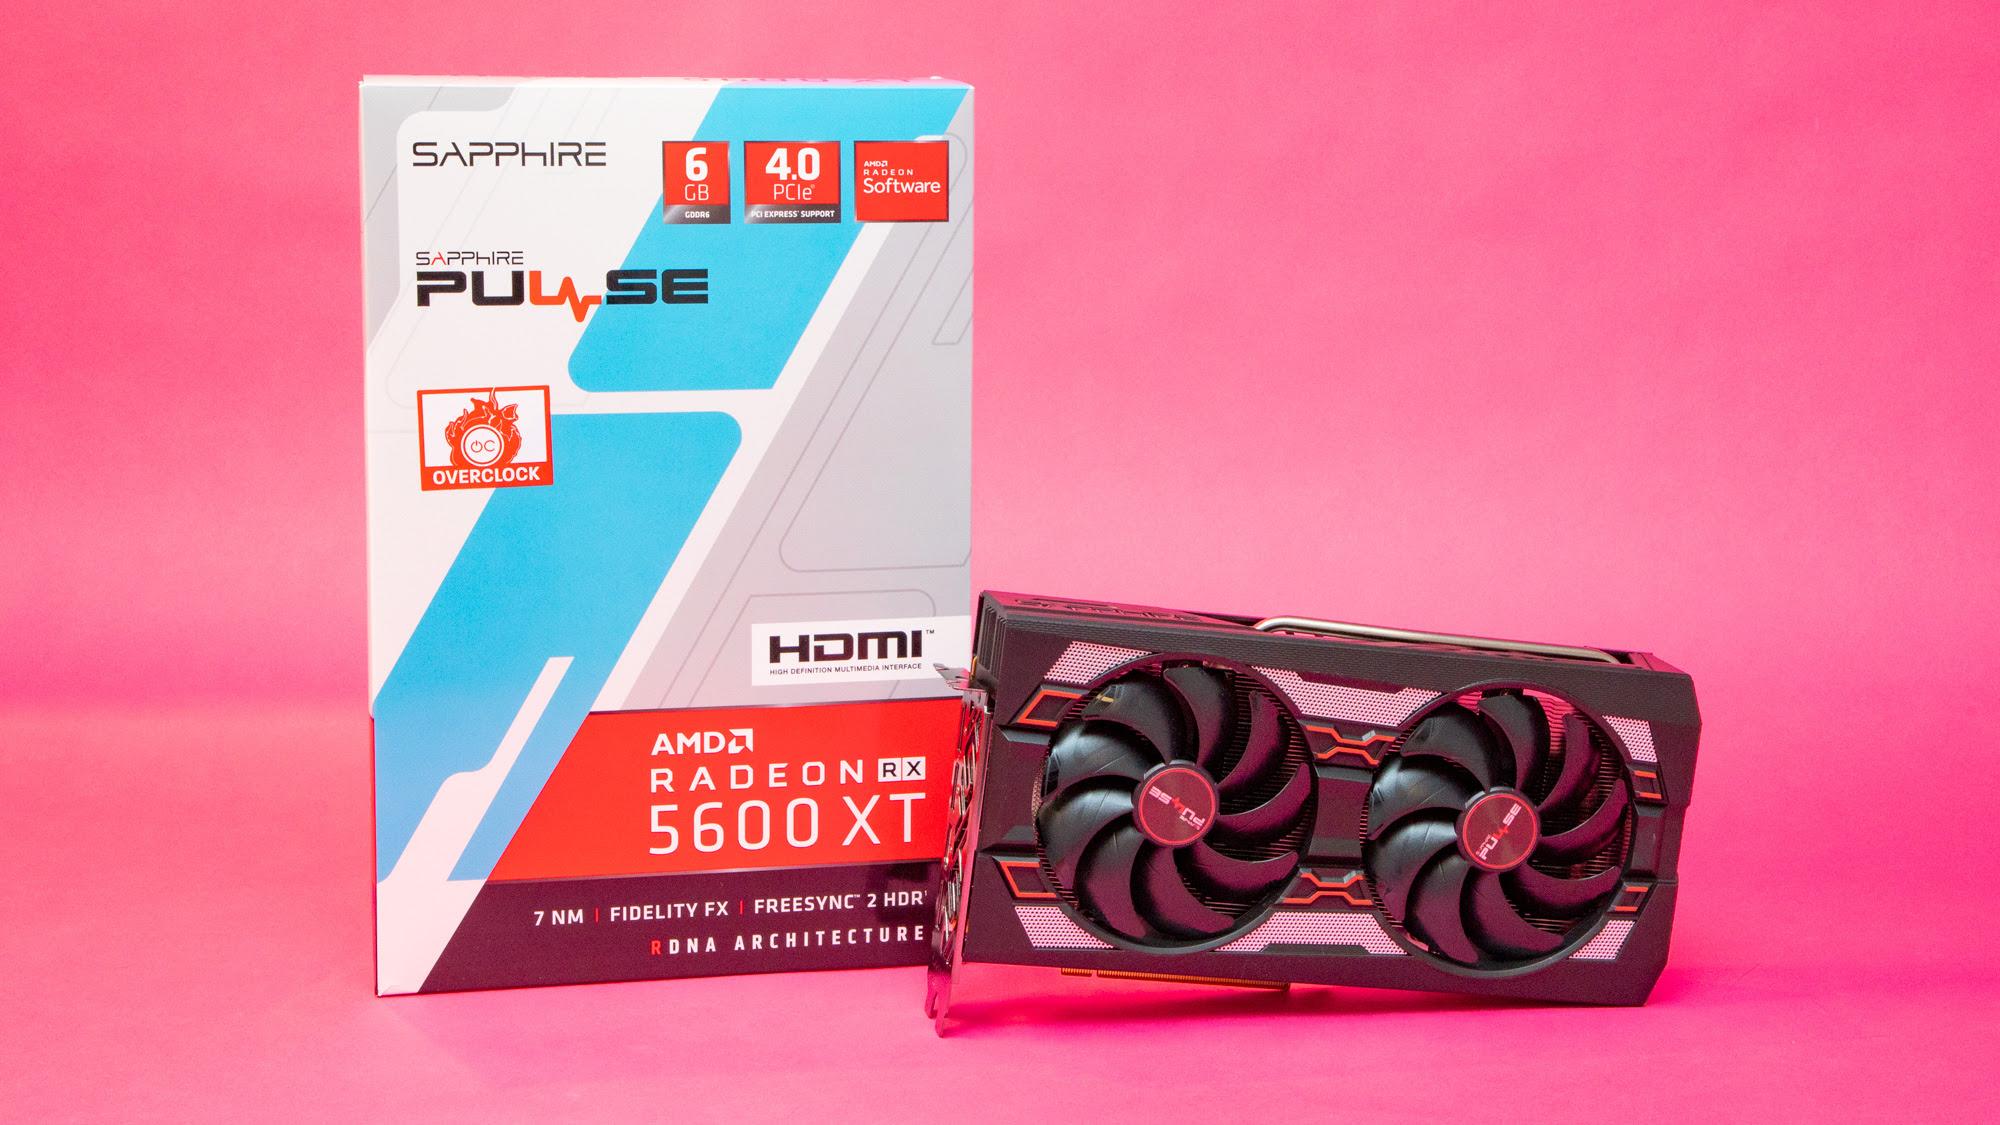 1. AMD Radeon RX 5600 XT